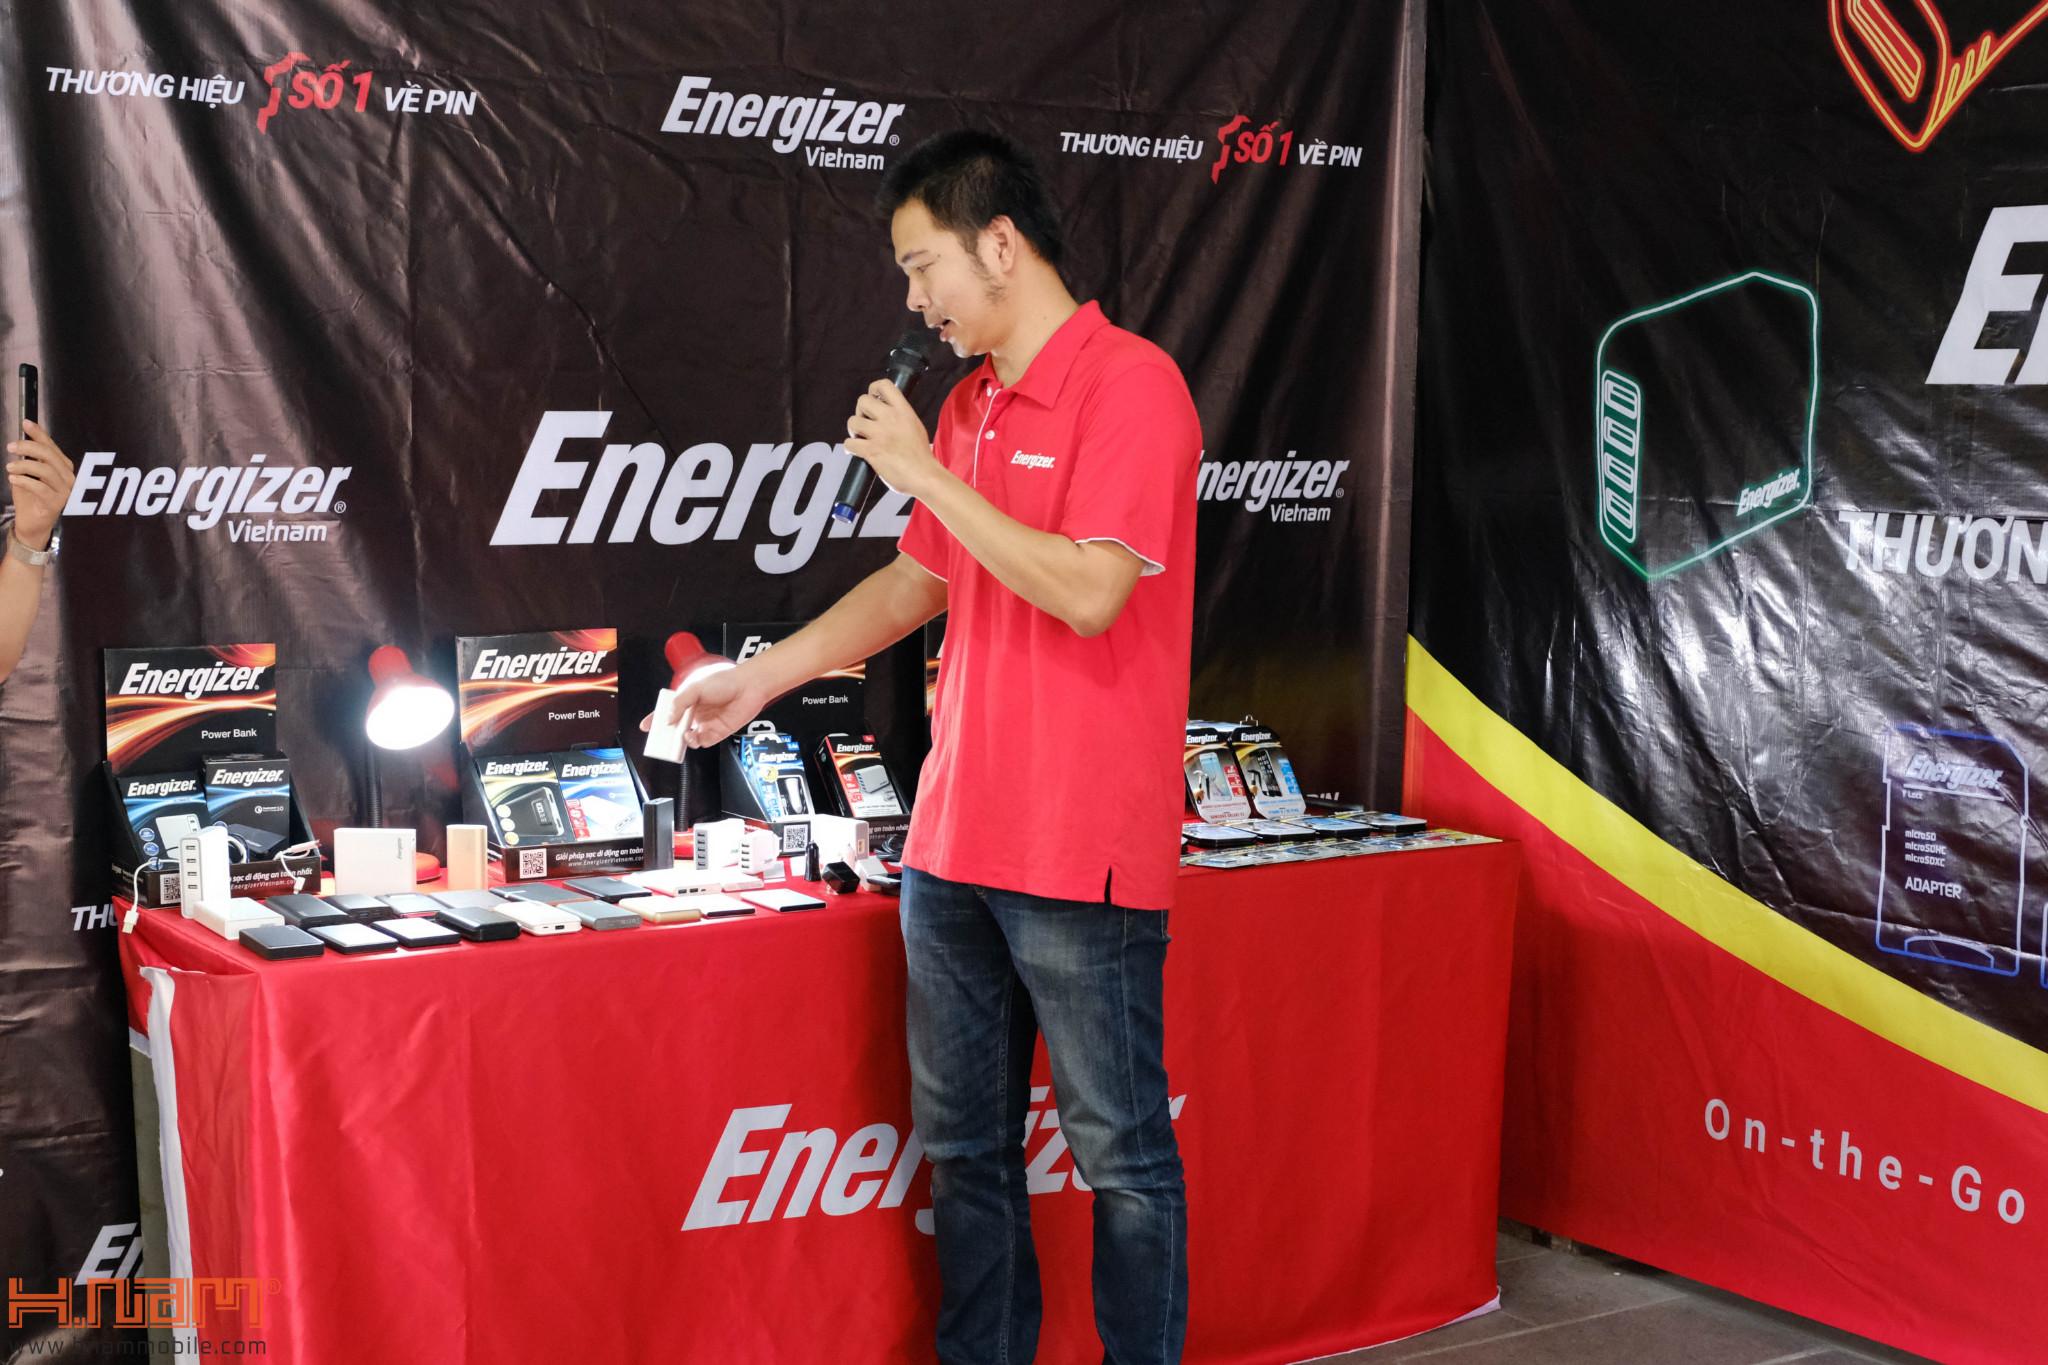 Energizer ra mắt 5 mẫu pin dự phòng mới tại Việt Nam: Bảo hành 2 năm 1 đổi 1, giá từ 800.000Đ hình 10